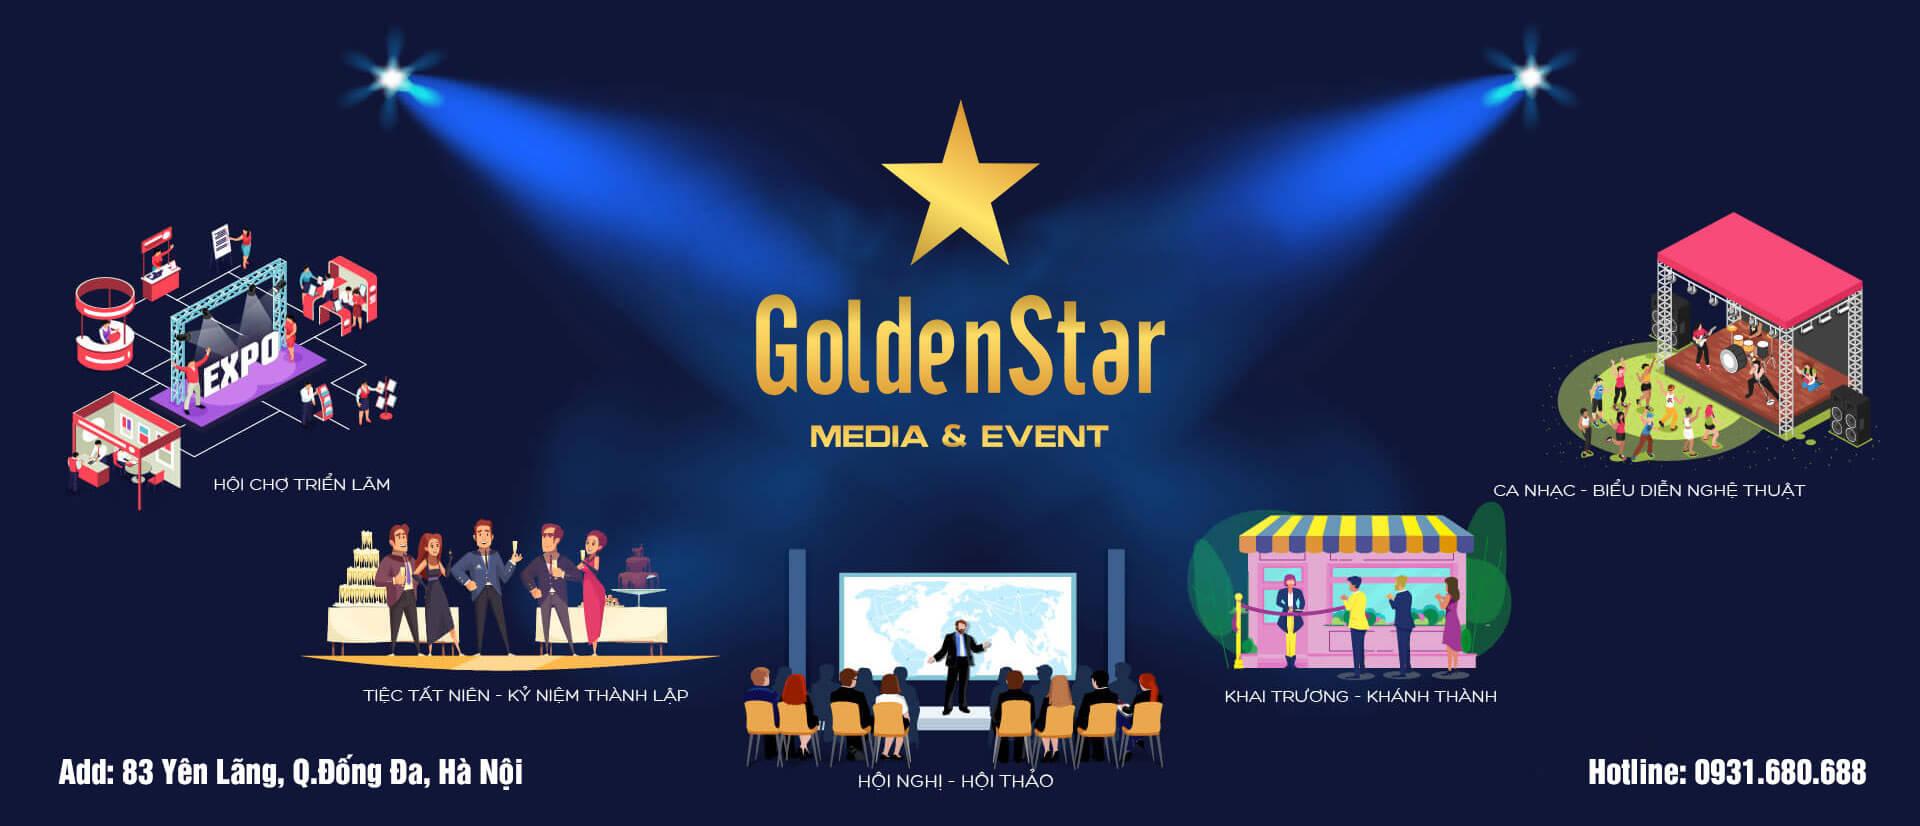 main-image-goldenstar